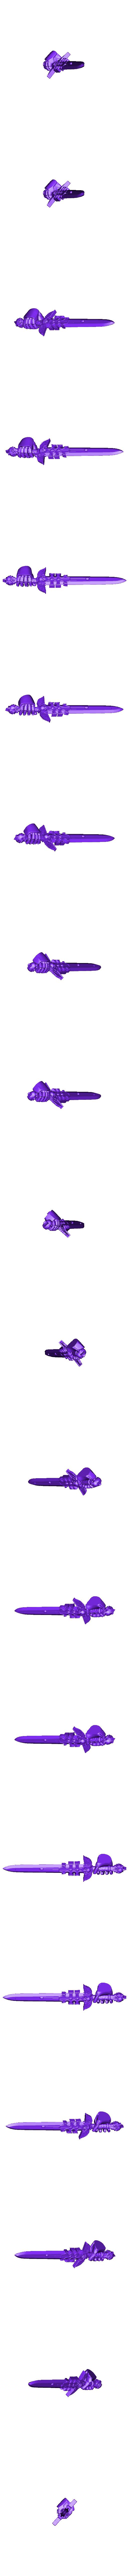 energySwordHand.stl Download free STL file Primaris Power Sword Hand • 3D printer design, tomaspica